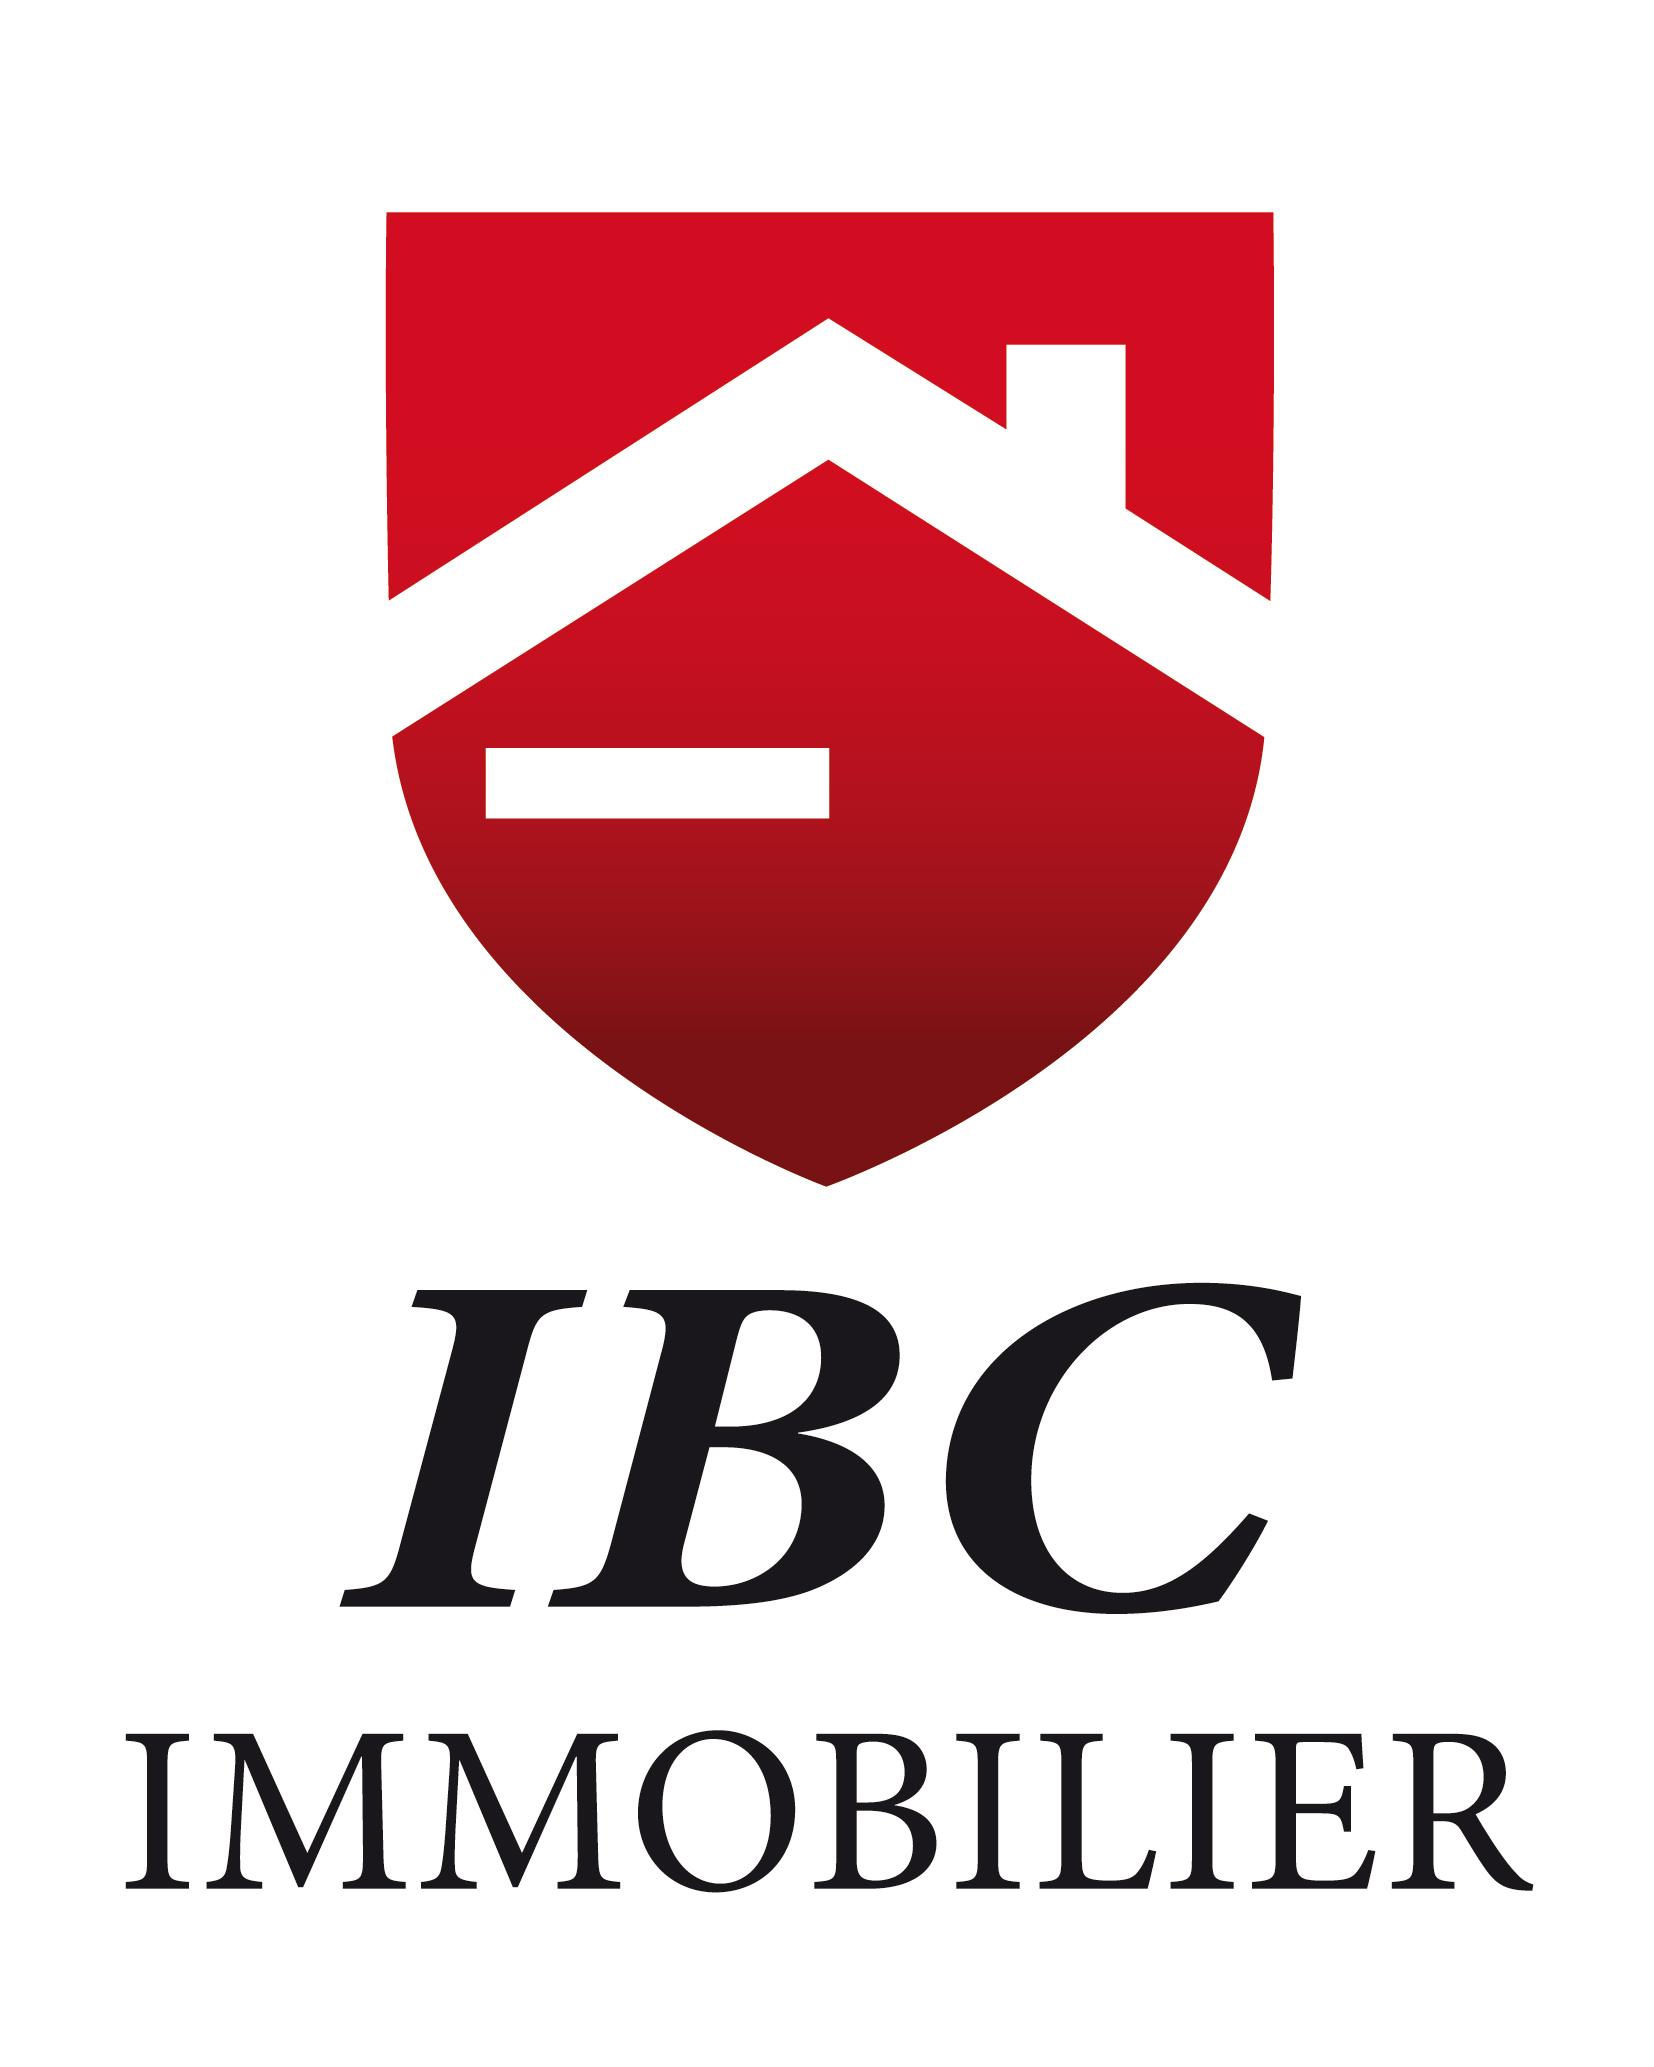 Image de l'agence IBC IMMOBILIER